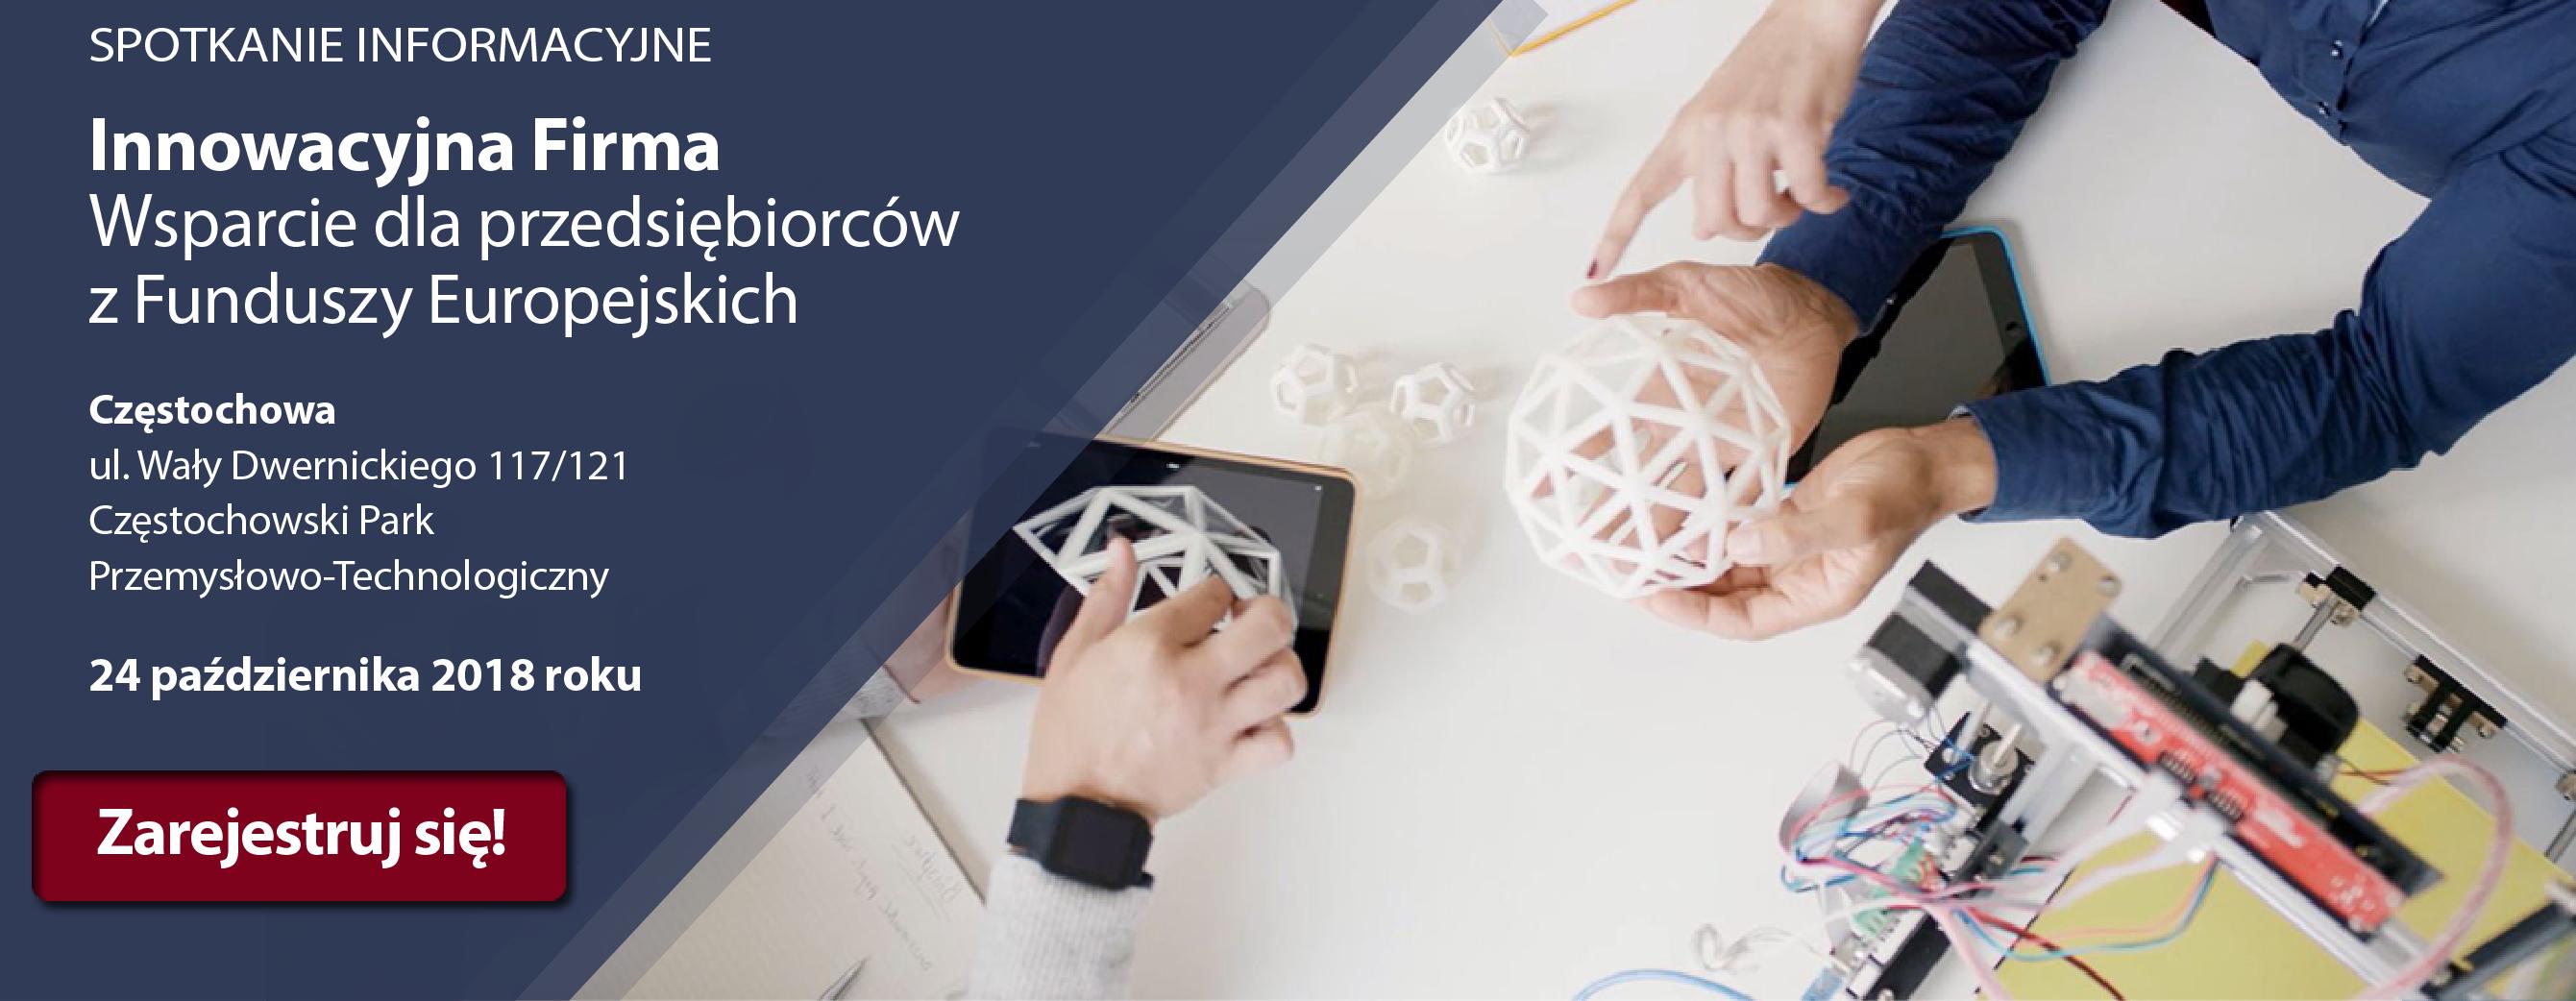 Innowacyjna firma - spotkanie w Częstochowie